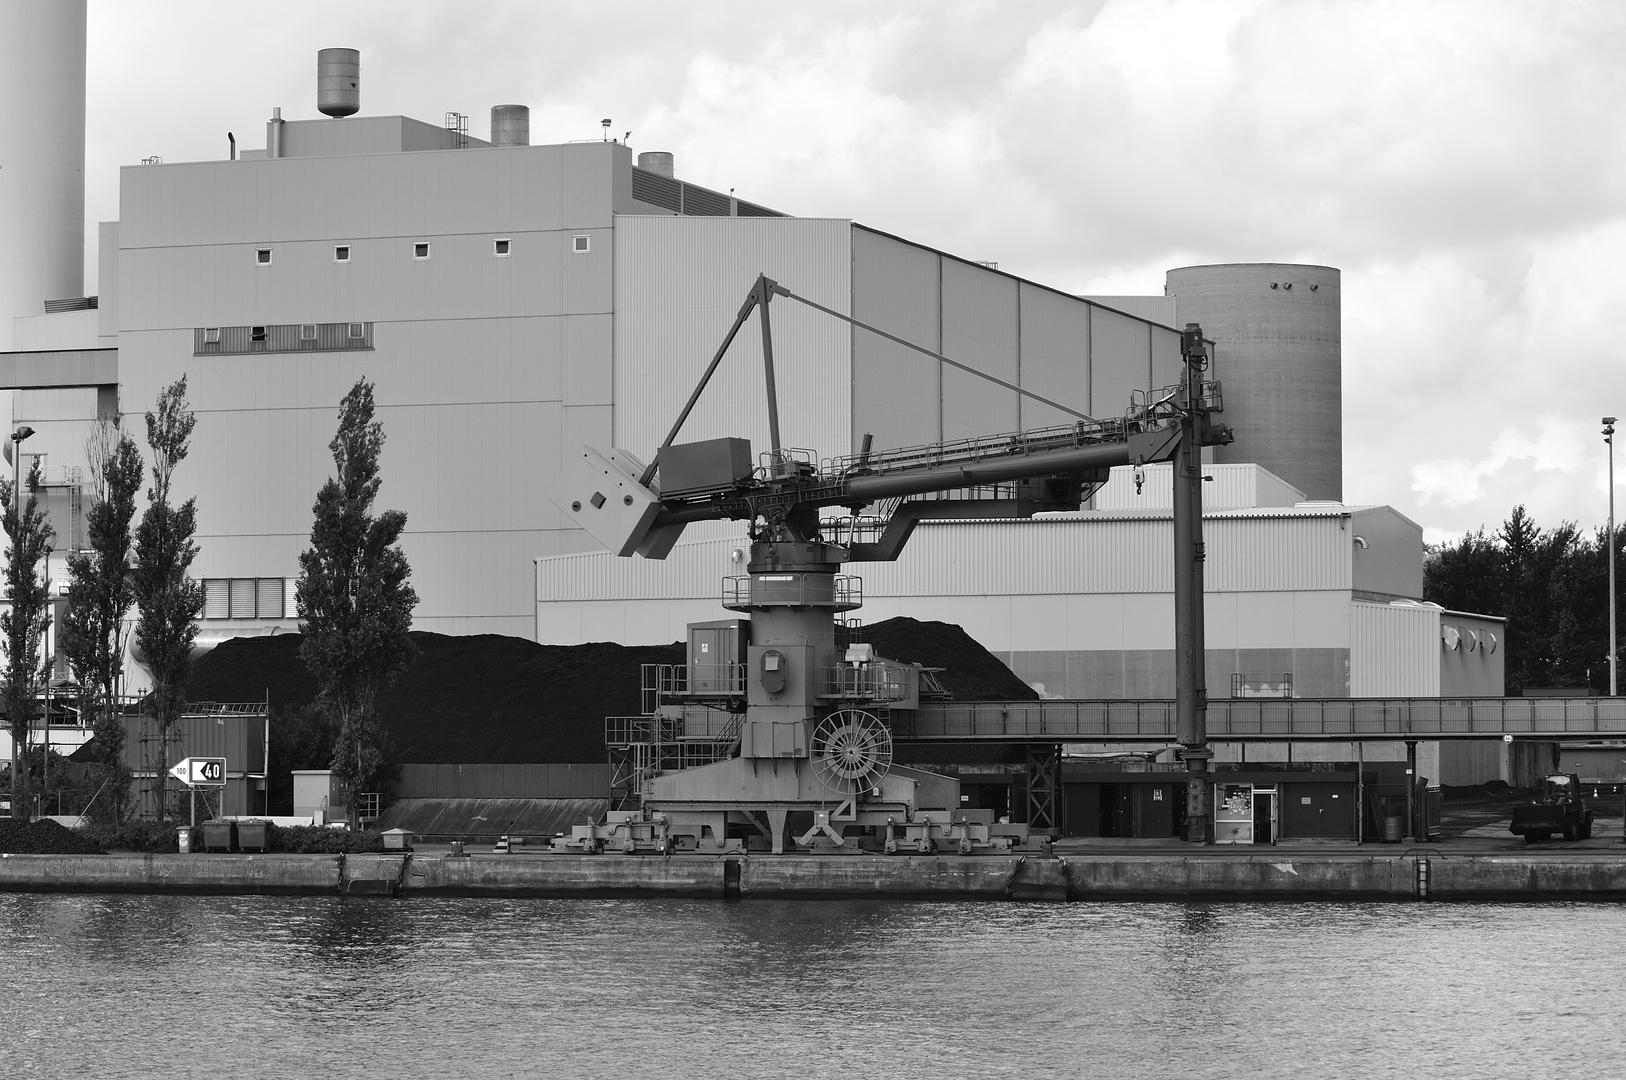 Heizkraftwerk am Hafen